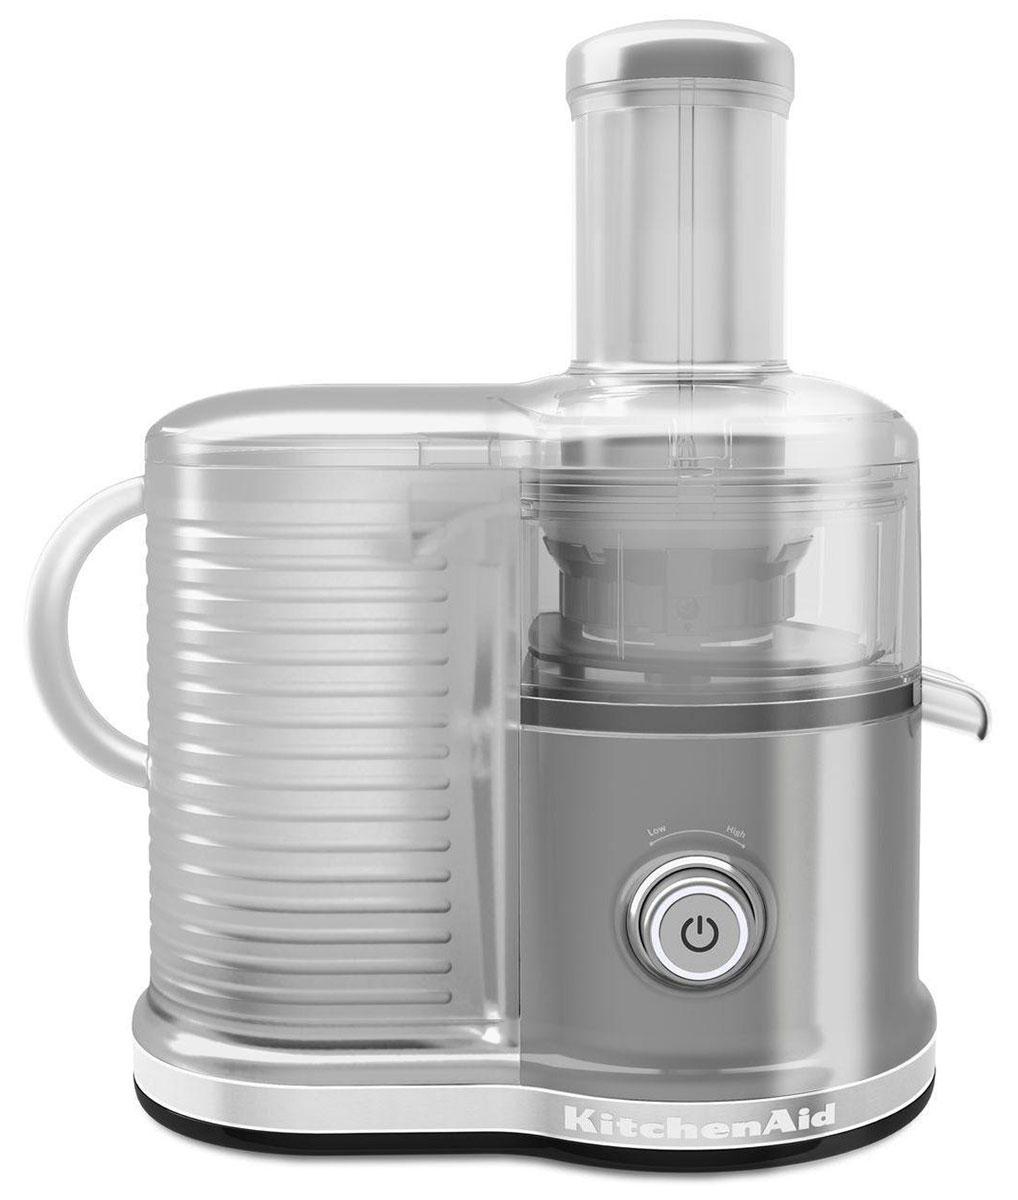 KitchenAid Artisan 5KVJ0333, Silver соковыжималка5KVJ0333EMSСкоростная центрифужная соковыжималка KitchenAid Artisan 5KVJ0333 имеет две скорости для мягких и твердых фруктов и овощей, что увеличивает объем получаемого сока, сокращая количество отходов. Экстра широкое жерло и толкатель подходит для фруктов и овощей разных размеров, сокращая время предварительной нарезки. Капля-стоп для контролирования вытекания сока. Контроль объема мякоти с помощью фильтра с 3-мя регулируемыми настройками позволяет регулировать объем мякоти в соке для приготовления однородных овощных соков или более густых фруктовых соков.